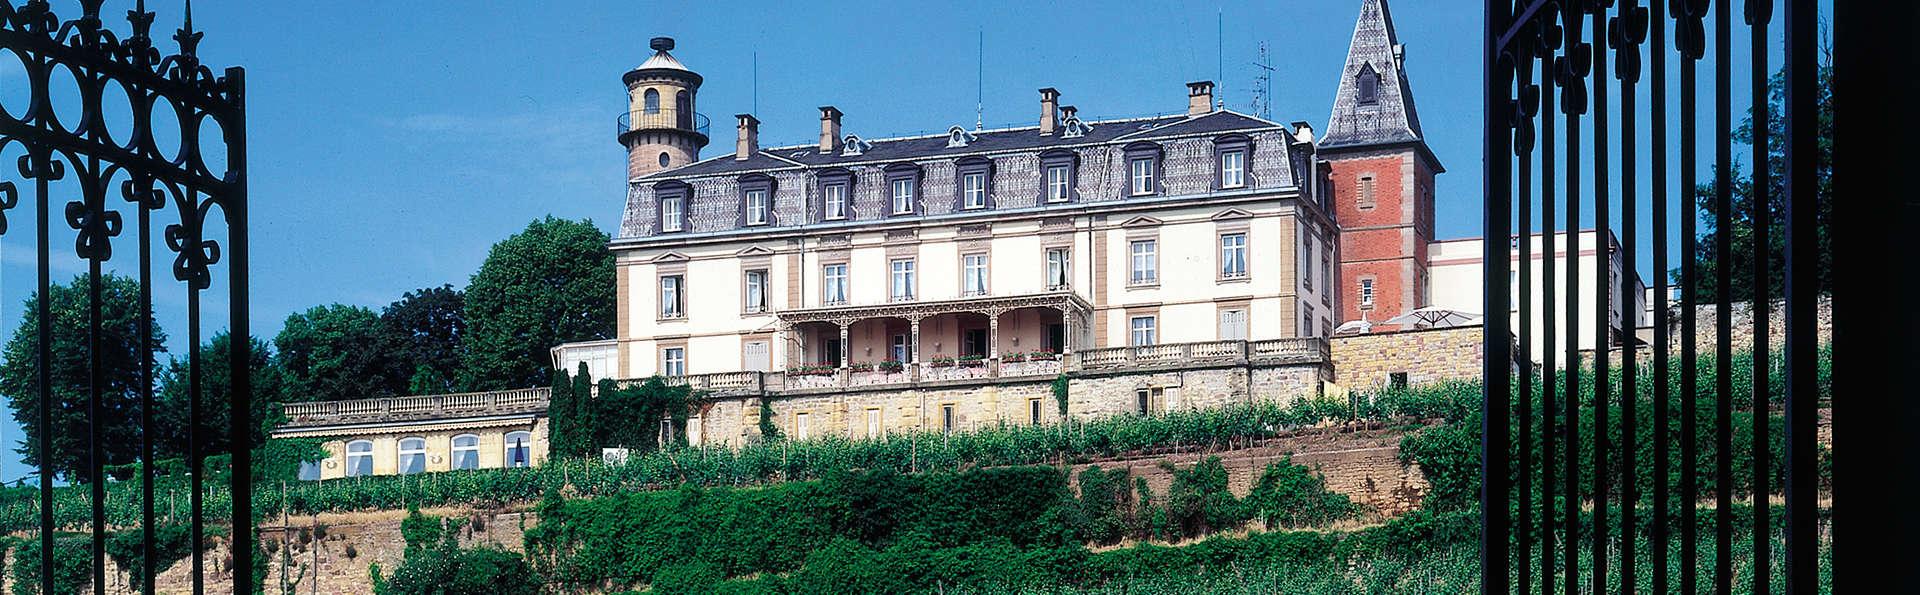 Hôtel & SPA Château d'Isenbourg  - EDIT_front1.jpg